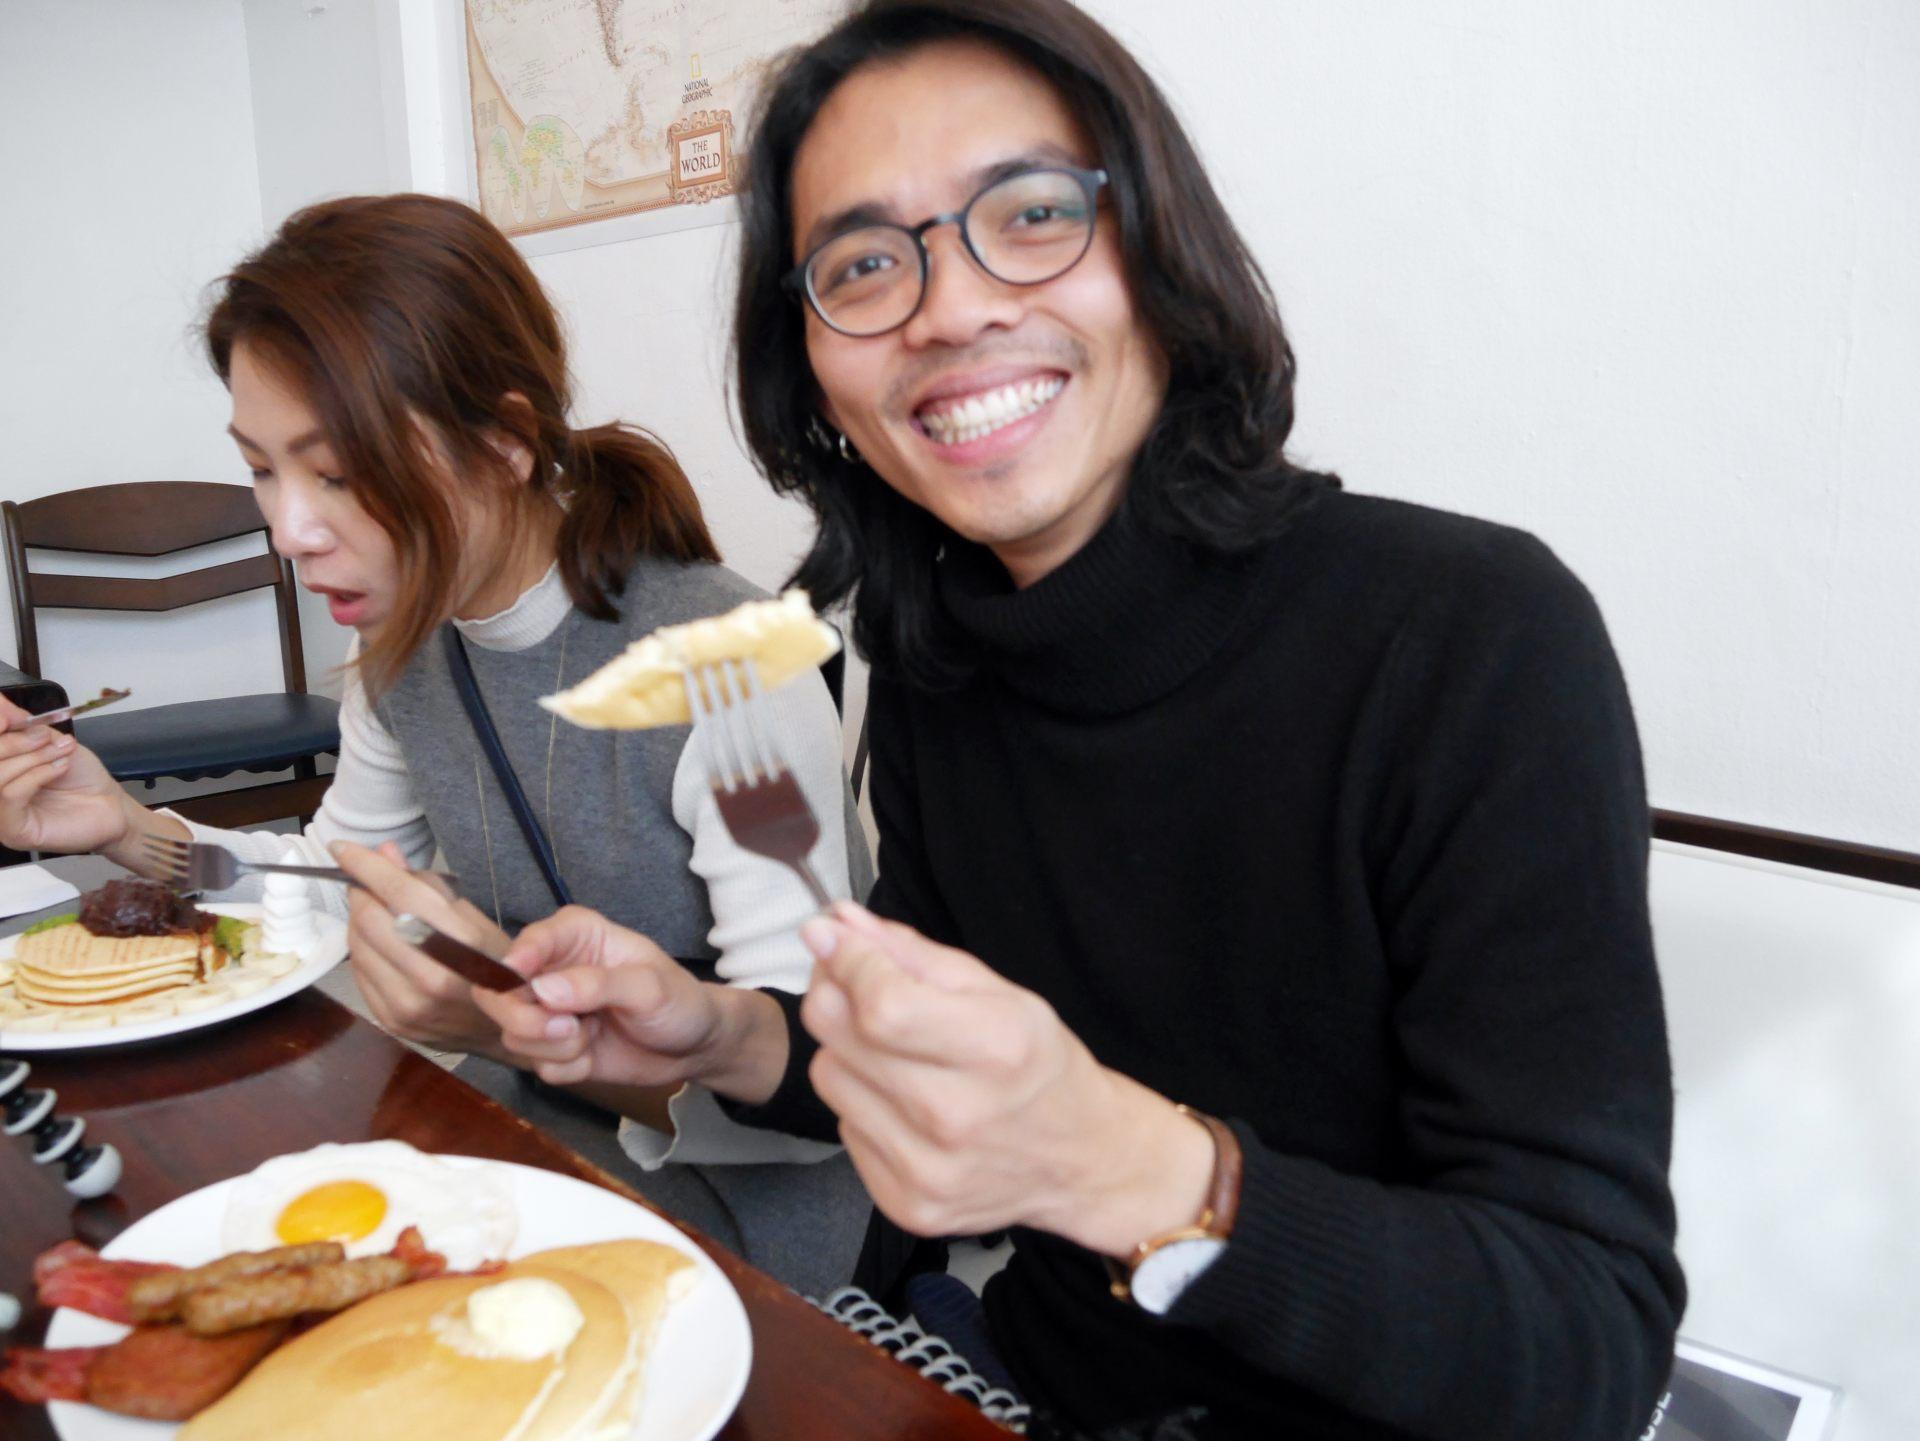 賴先生享用鬆餅的美味露出笑容